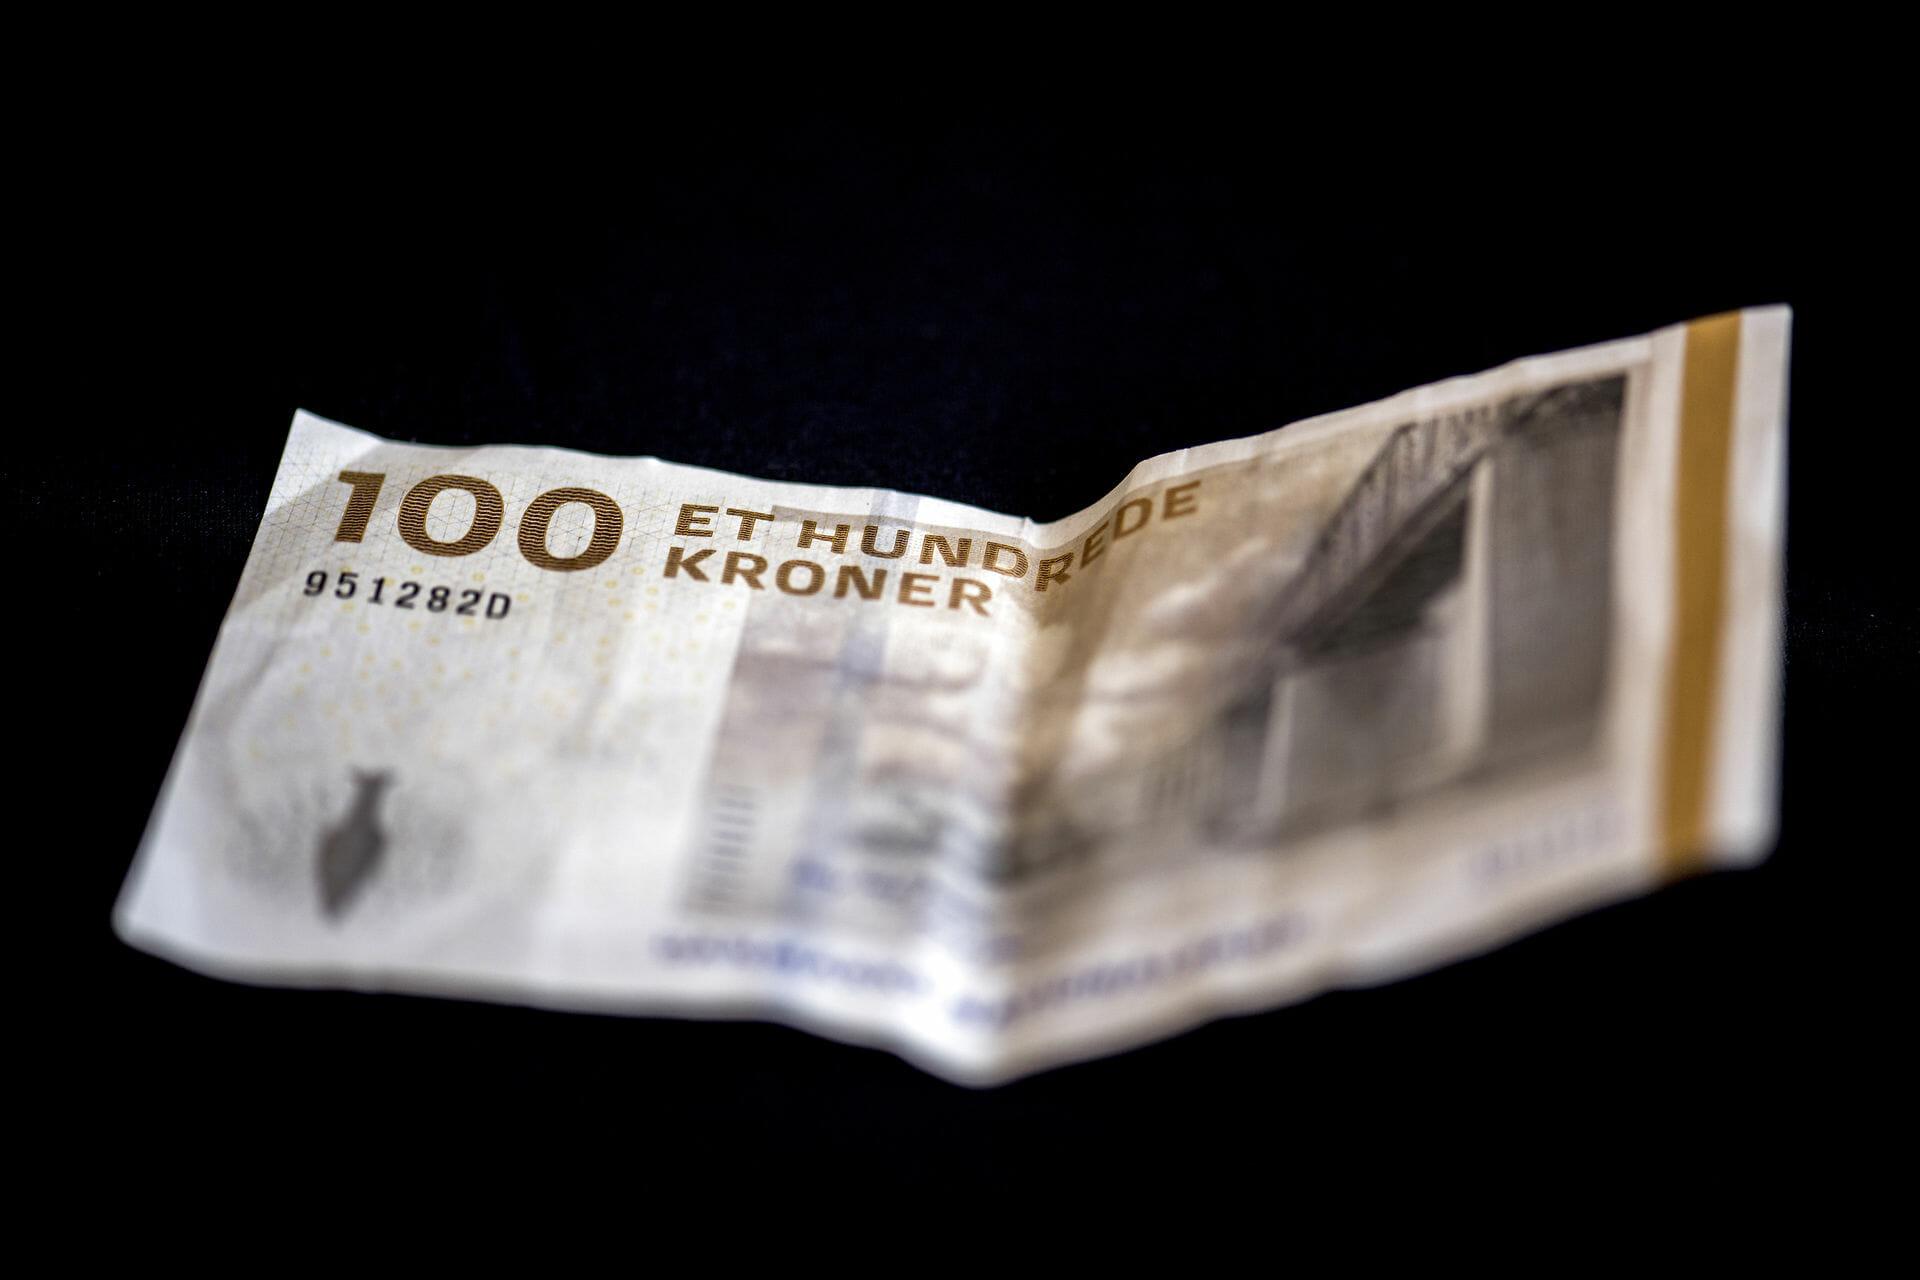 Danmark har igen det højeste skattetryk i verden